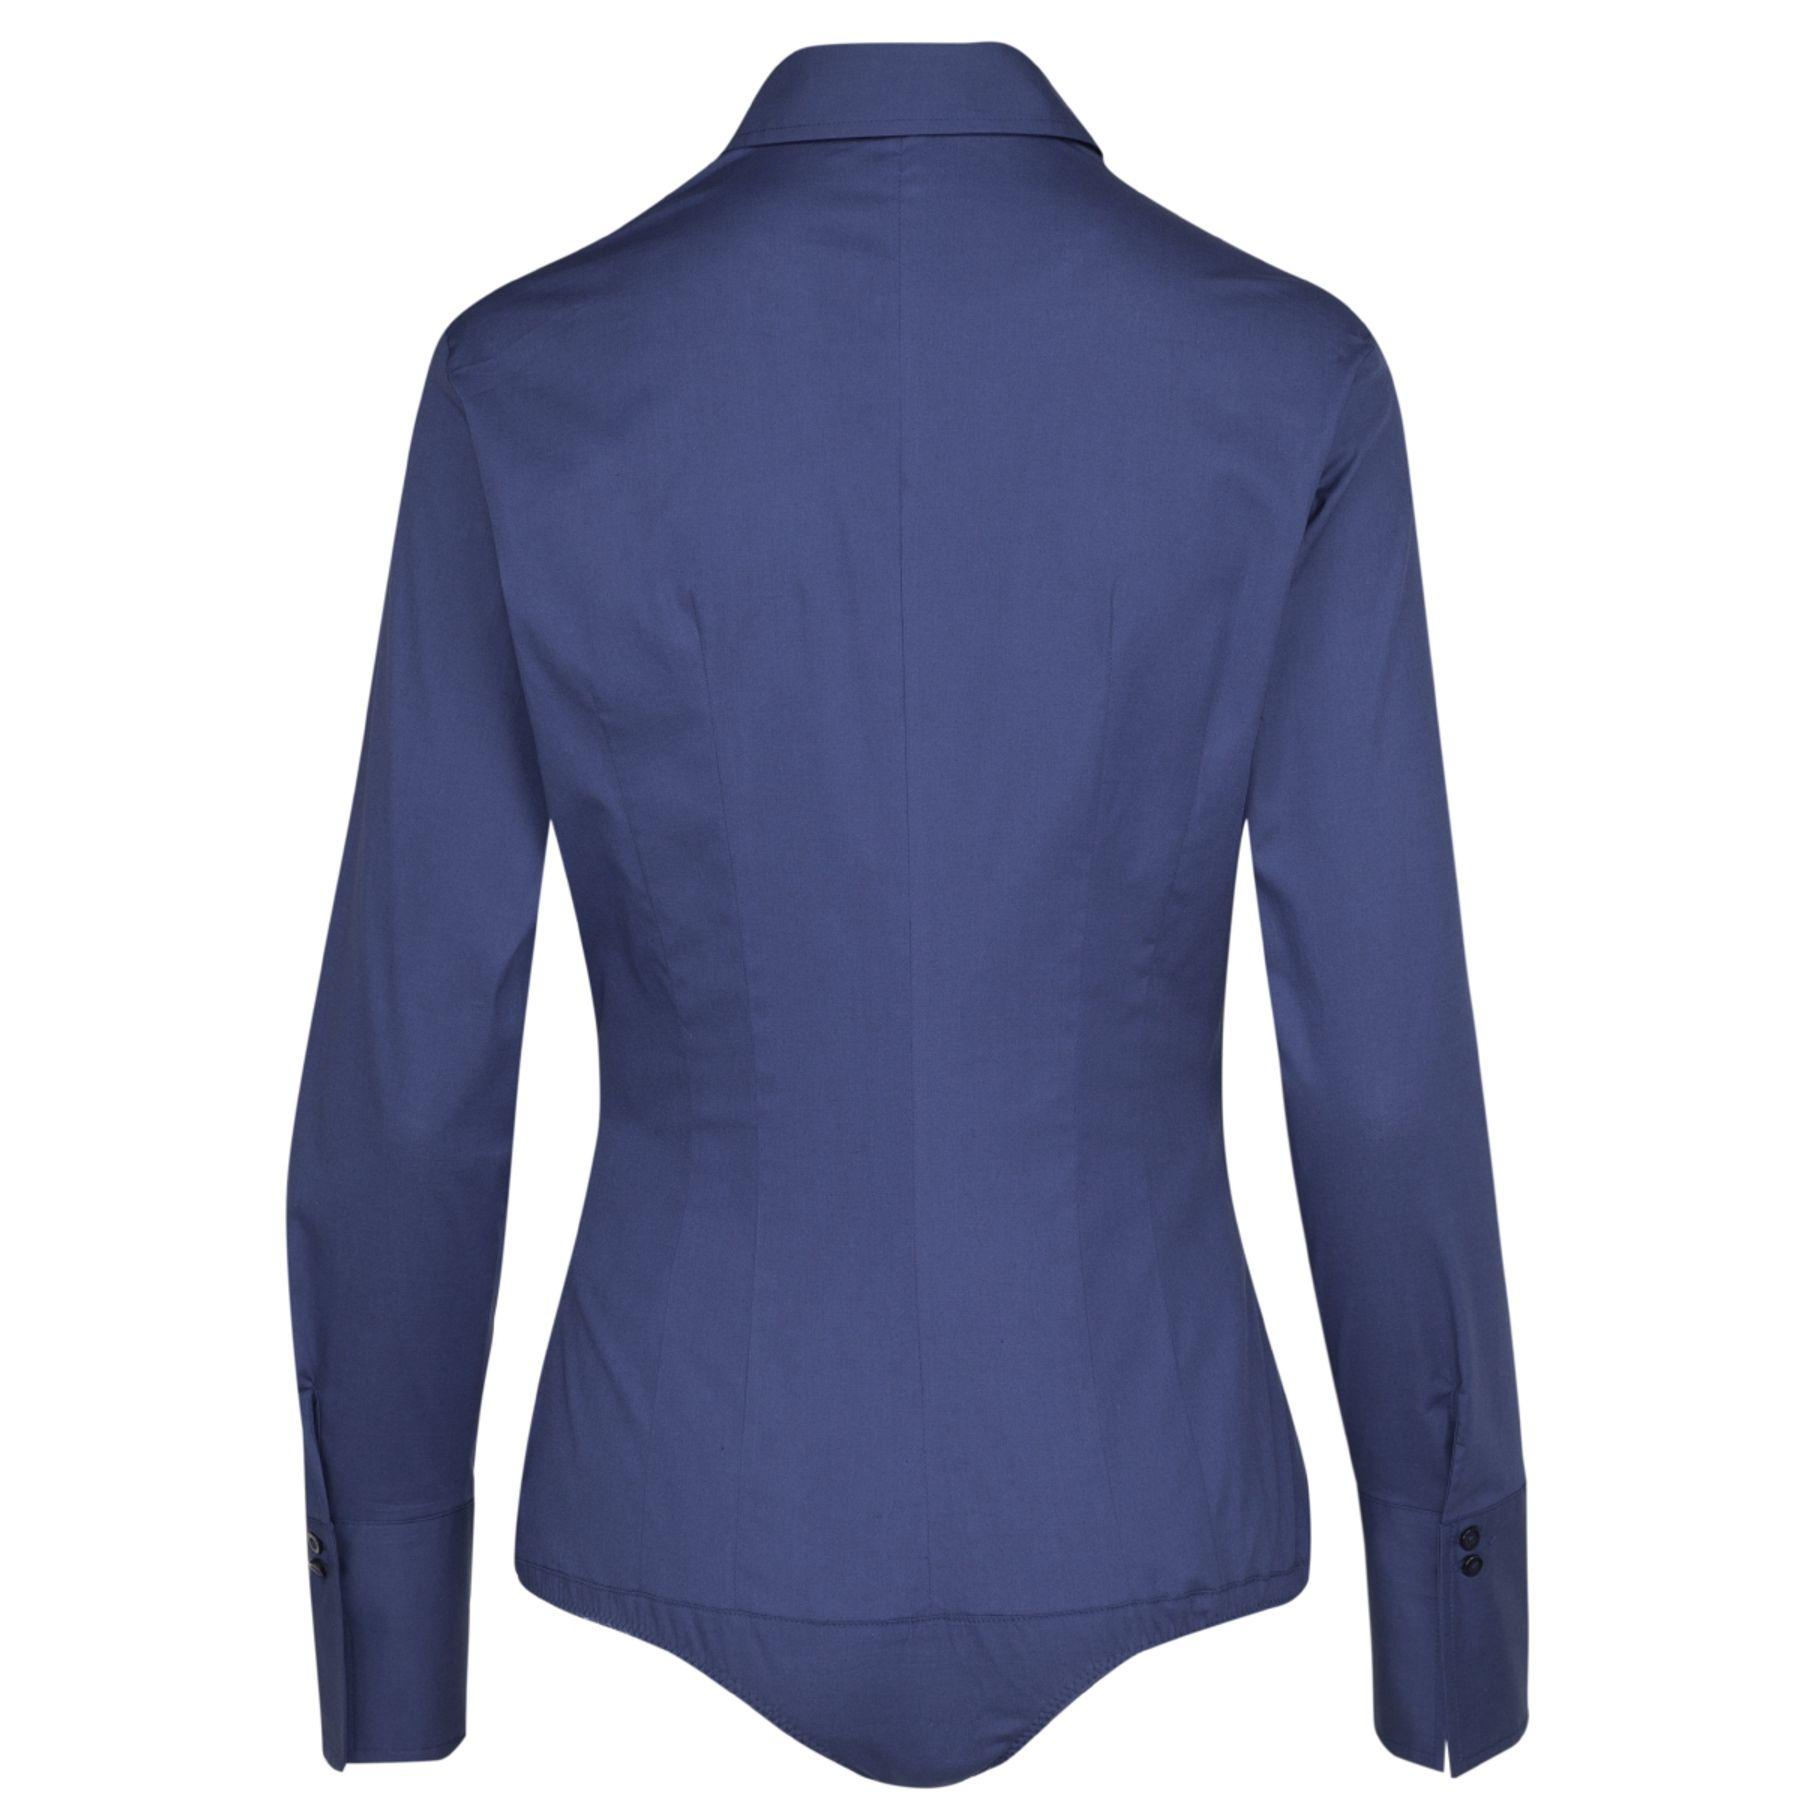 Seidensticker Schwarze Rose - Damen City-Body Bluse 1/1-lang (60.080620) – Bild 8